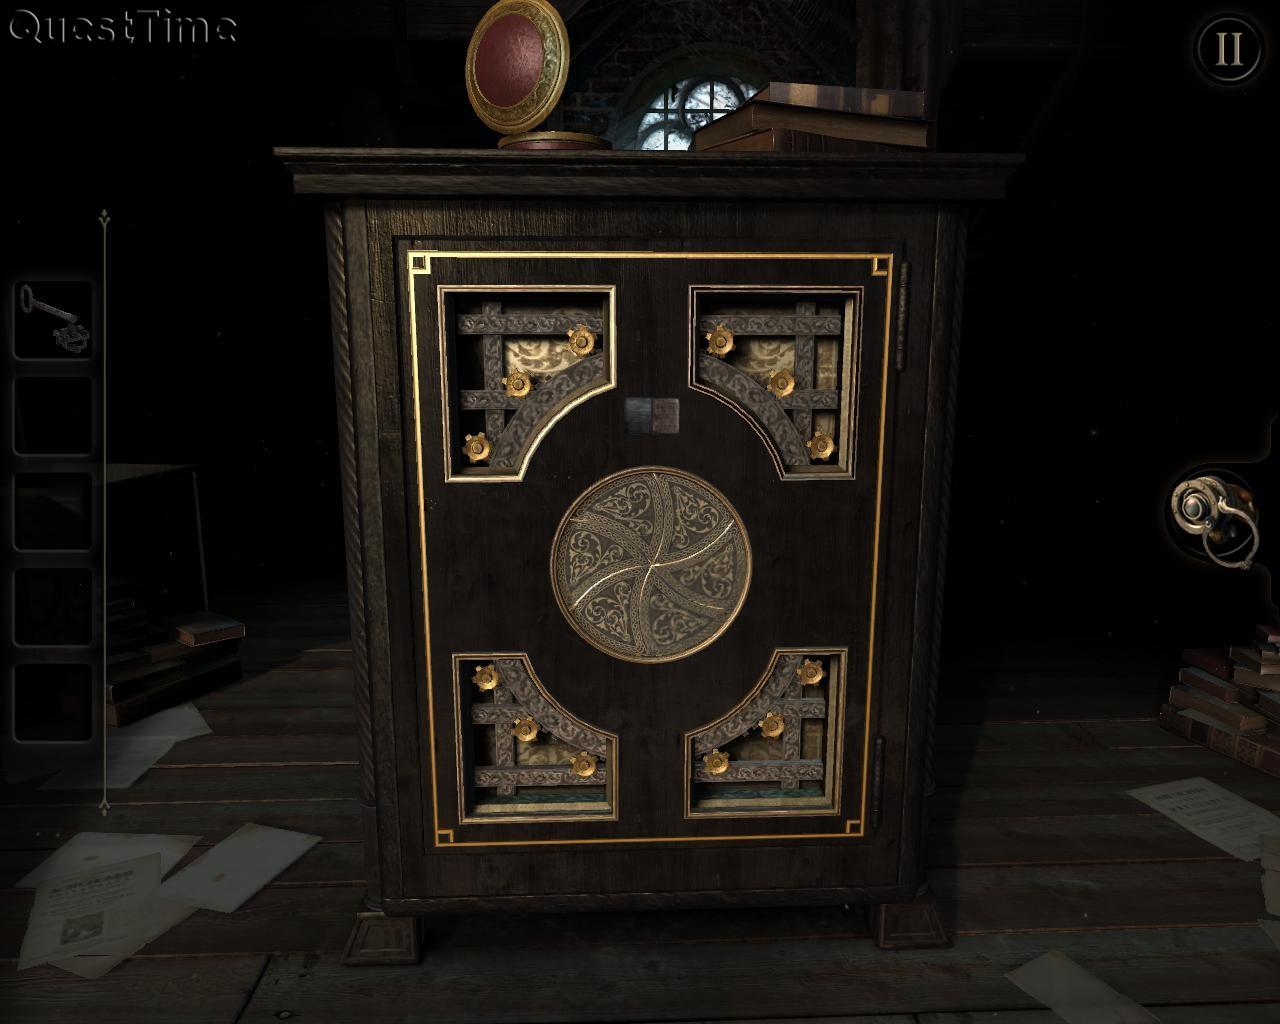 Гра room проходження 1 рівень підказки скриню. Проходження the room